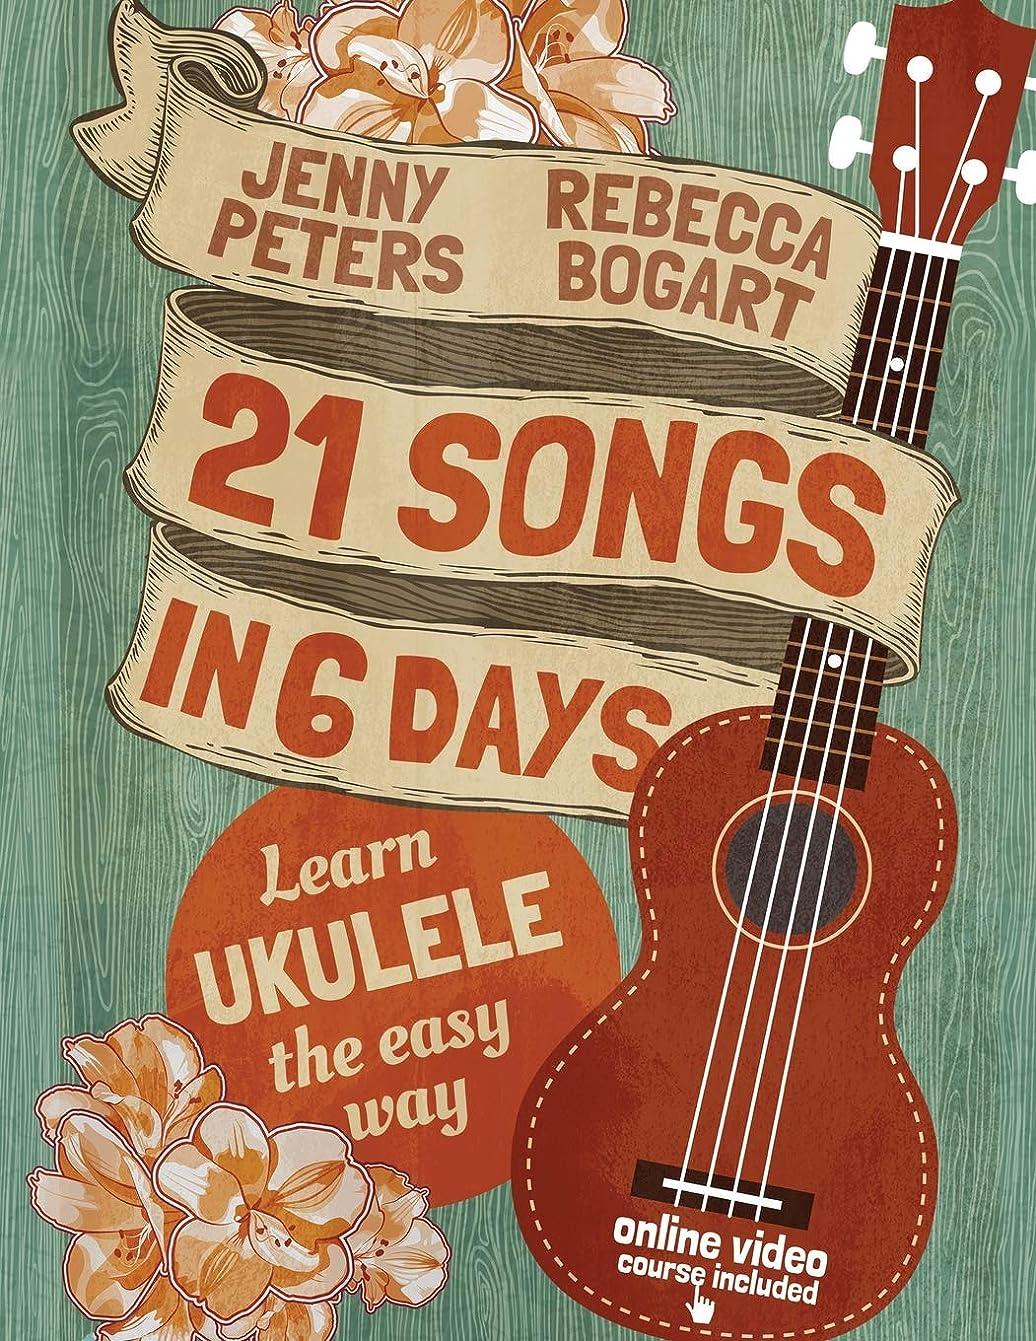 信者突進パック21 Songs in 6 Days: Learn Ukulele the Easy Way: Book + online video (Beginning Ukulele Songs)